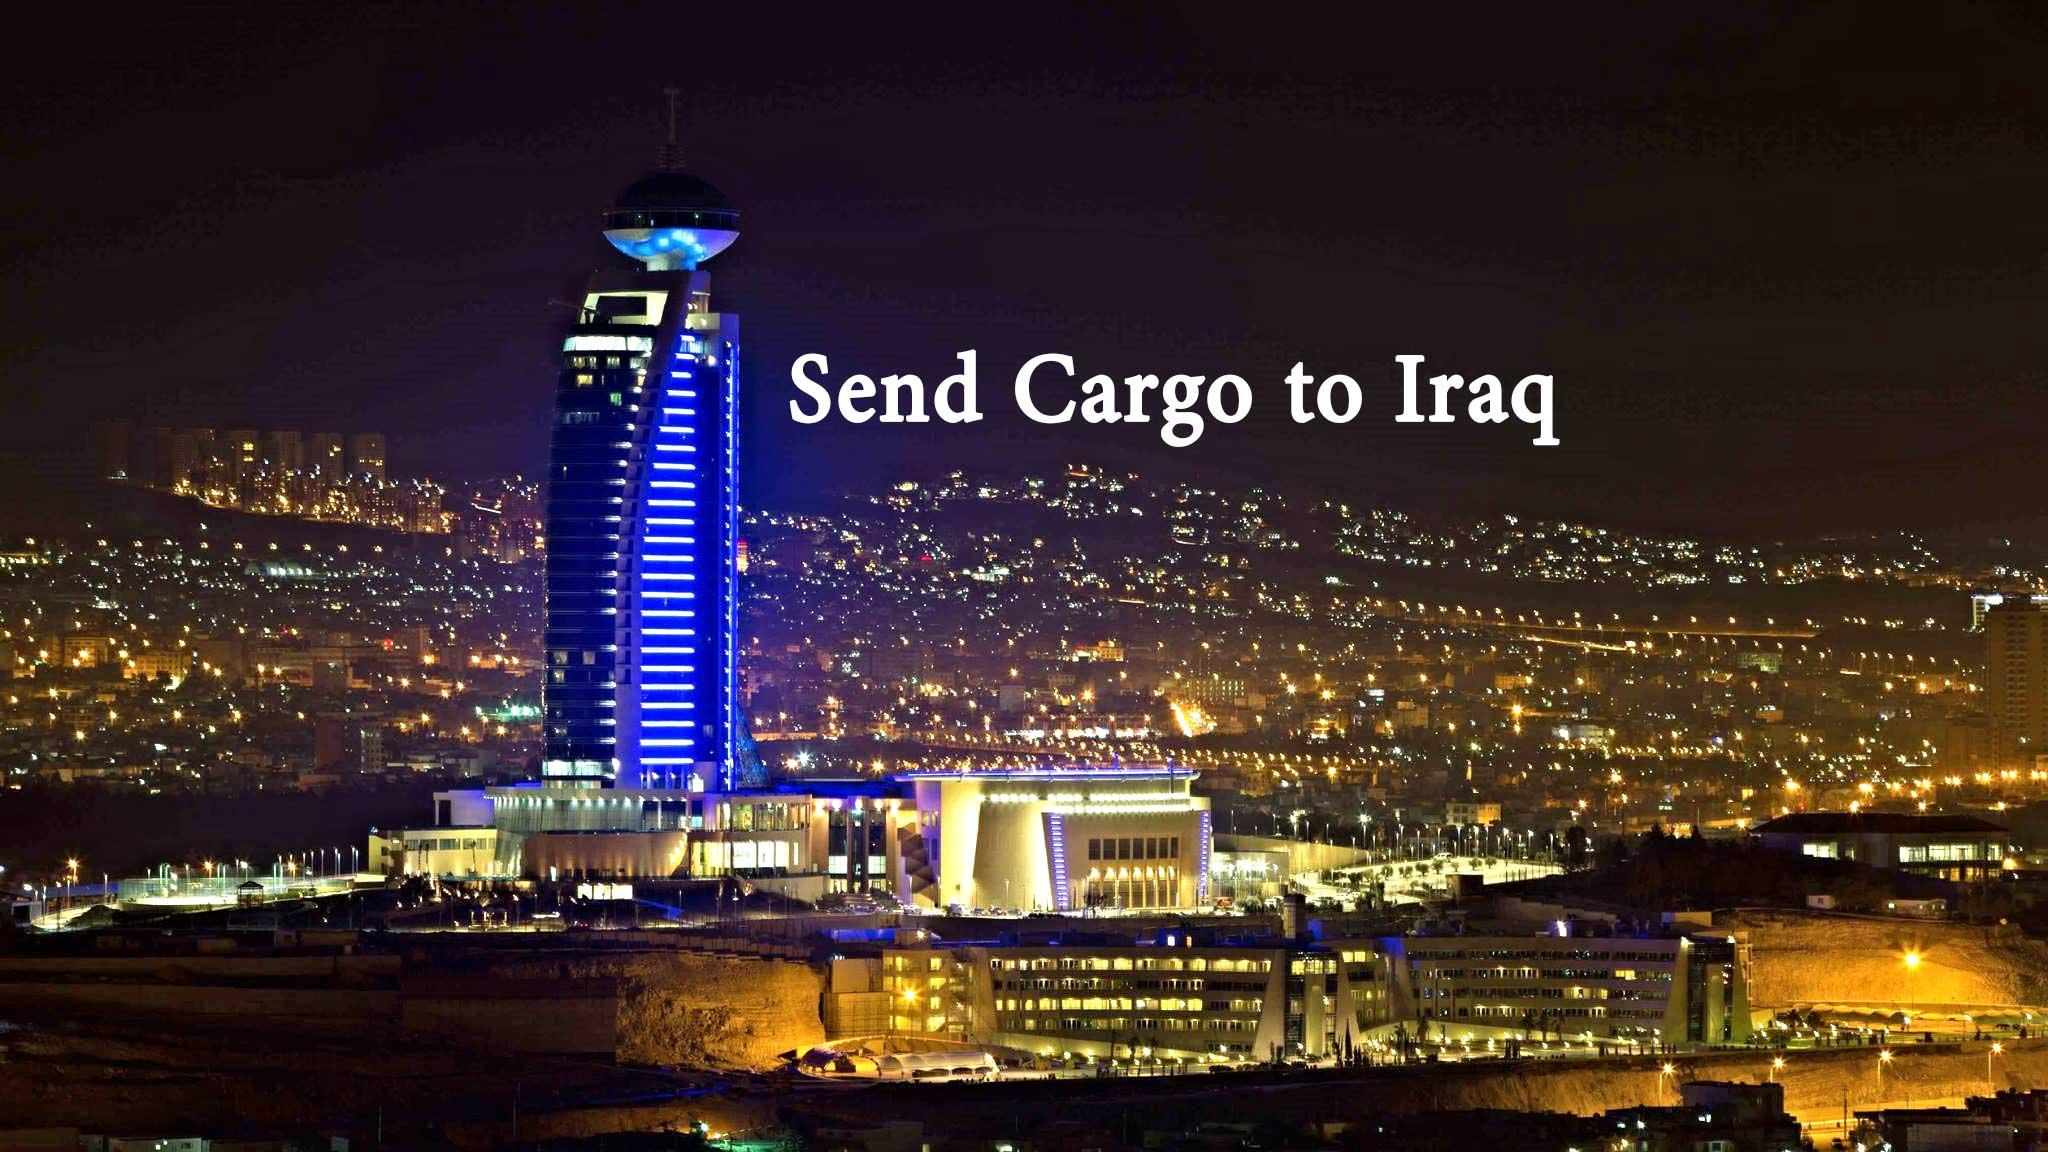 فریت بار به عراق